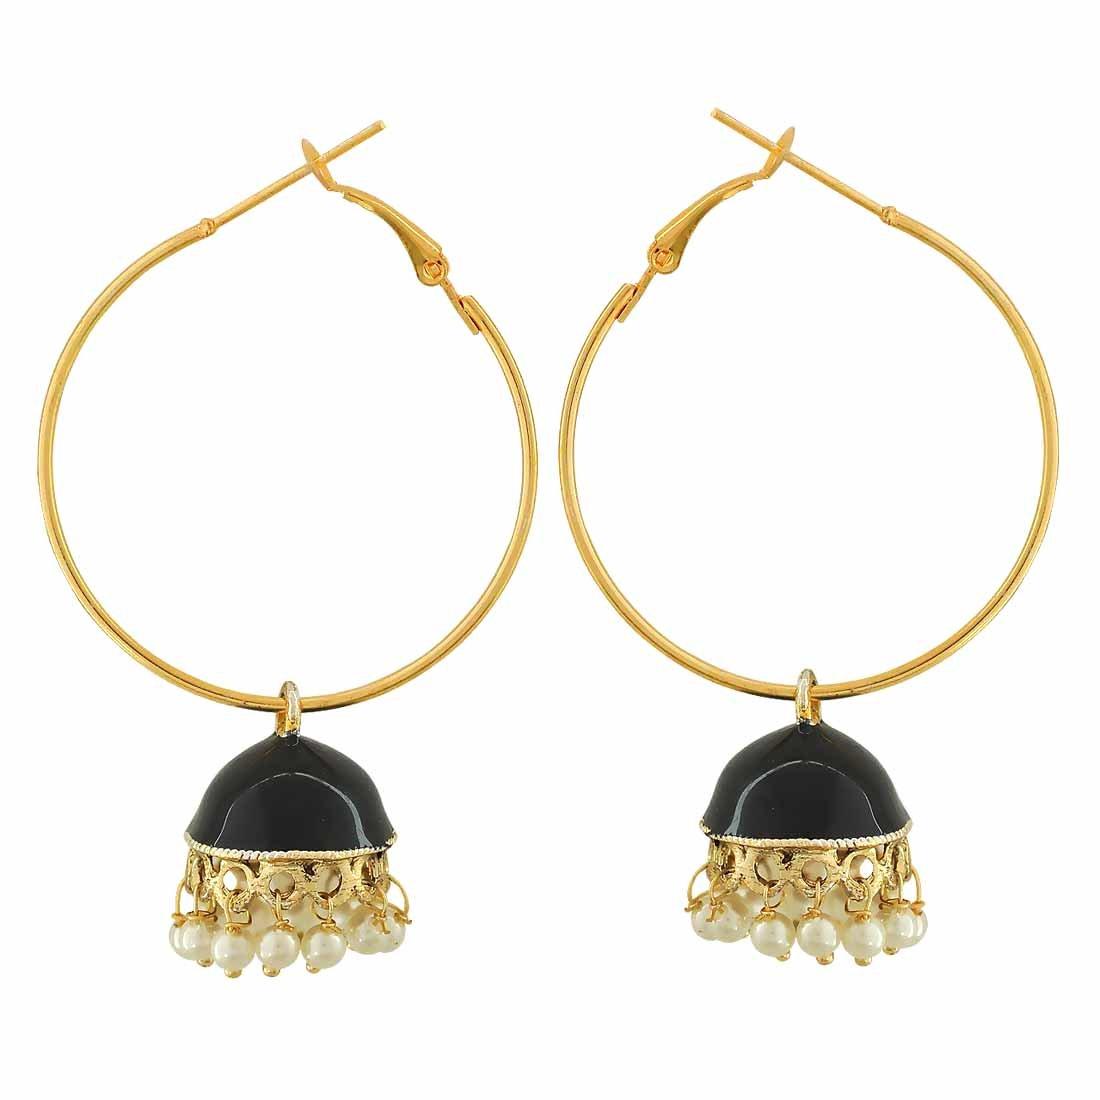 Maayra Meenakari Pearl Earrings Black White Hoops Festive Traditional Earrings